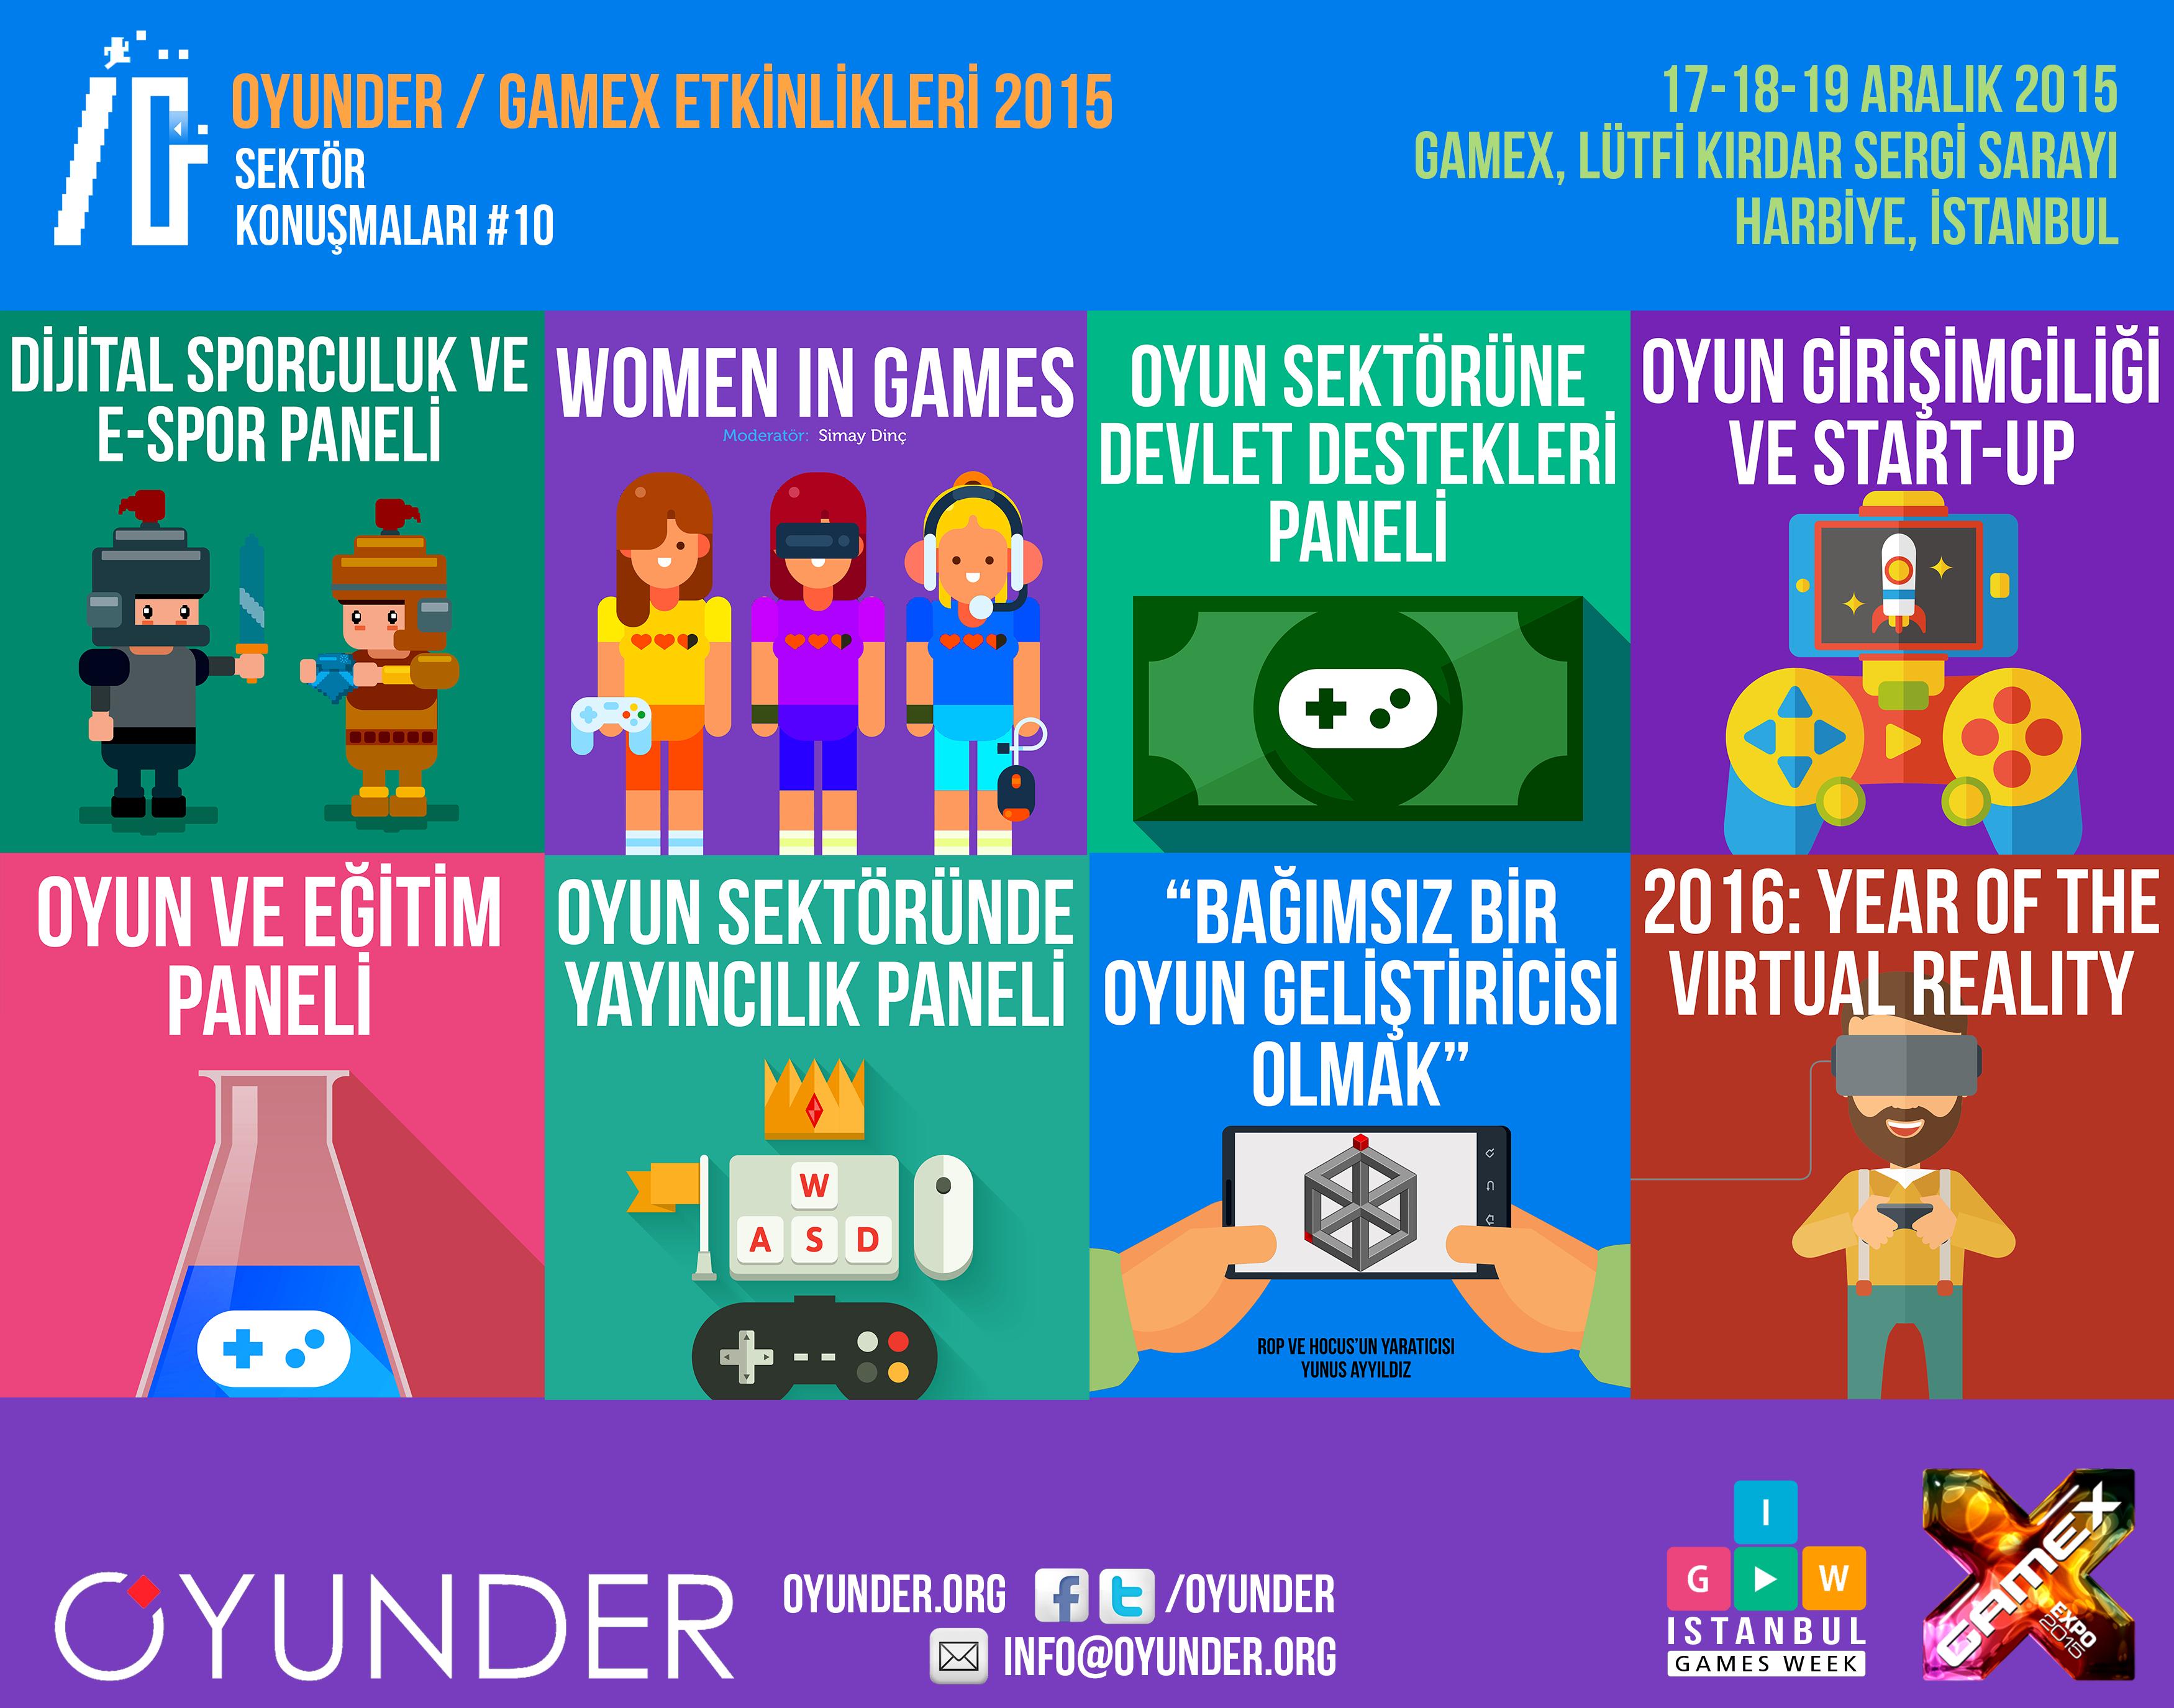 OYUNDER / GameX 2015'de Etkinlik Programı Açıklandı